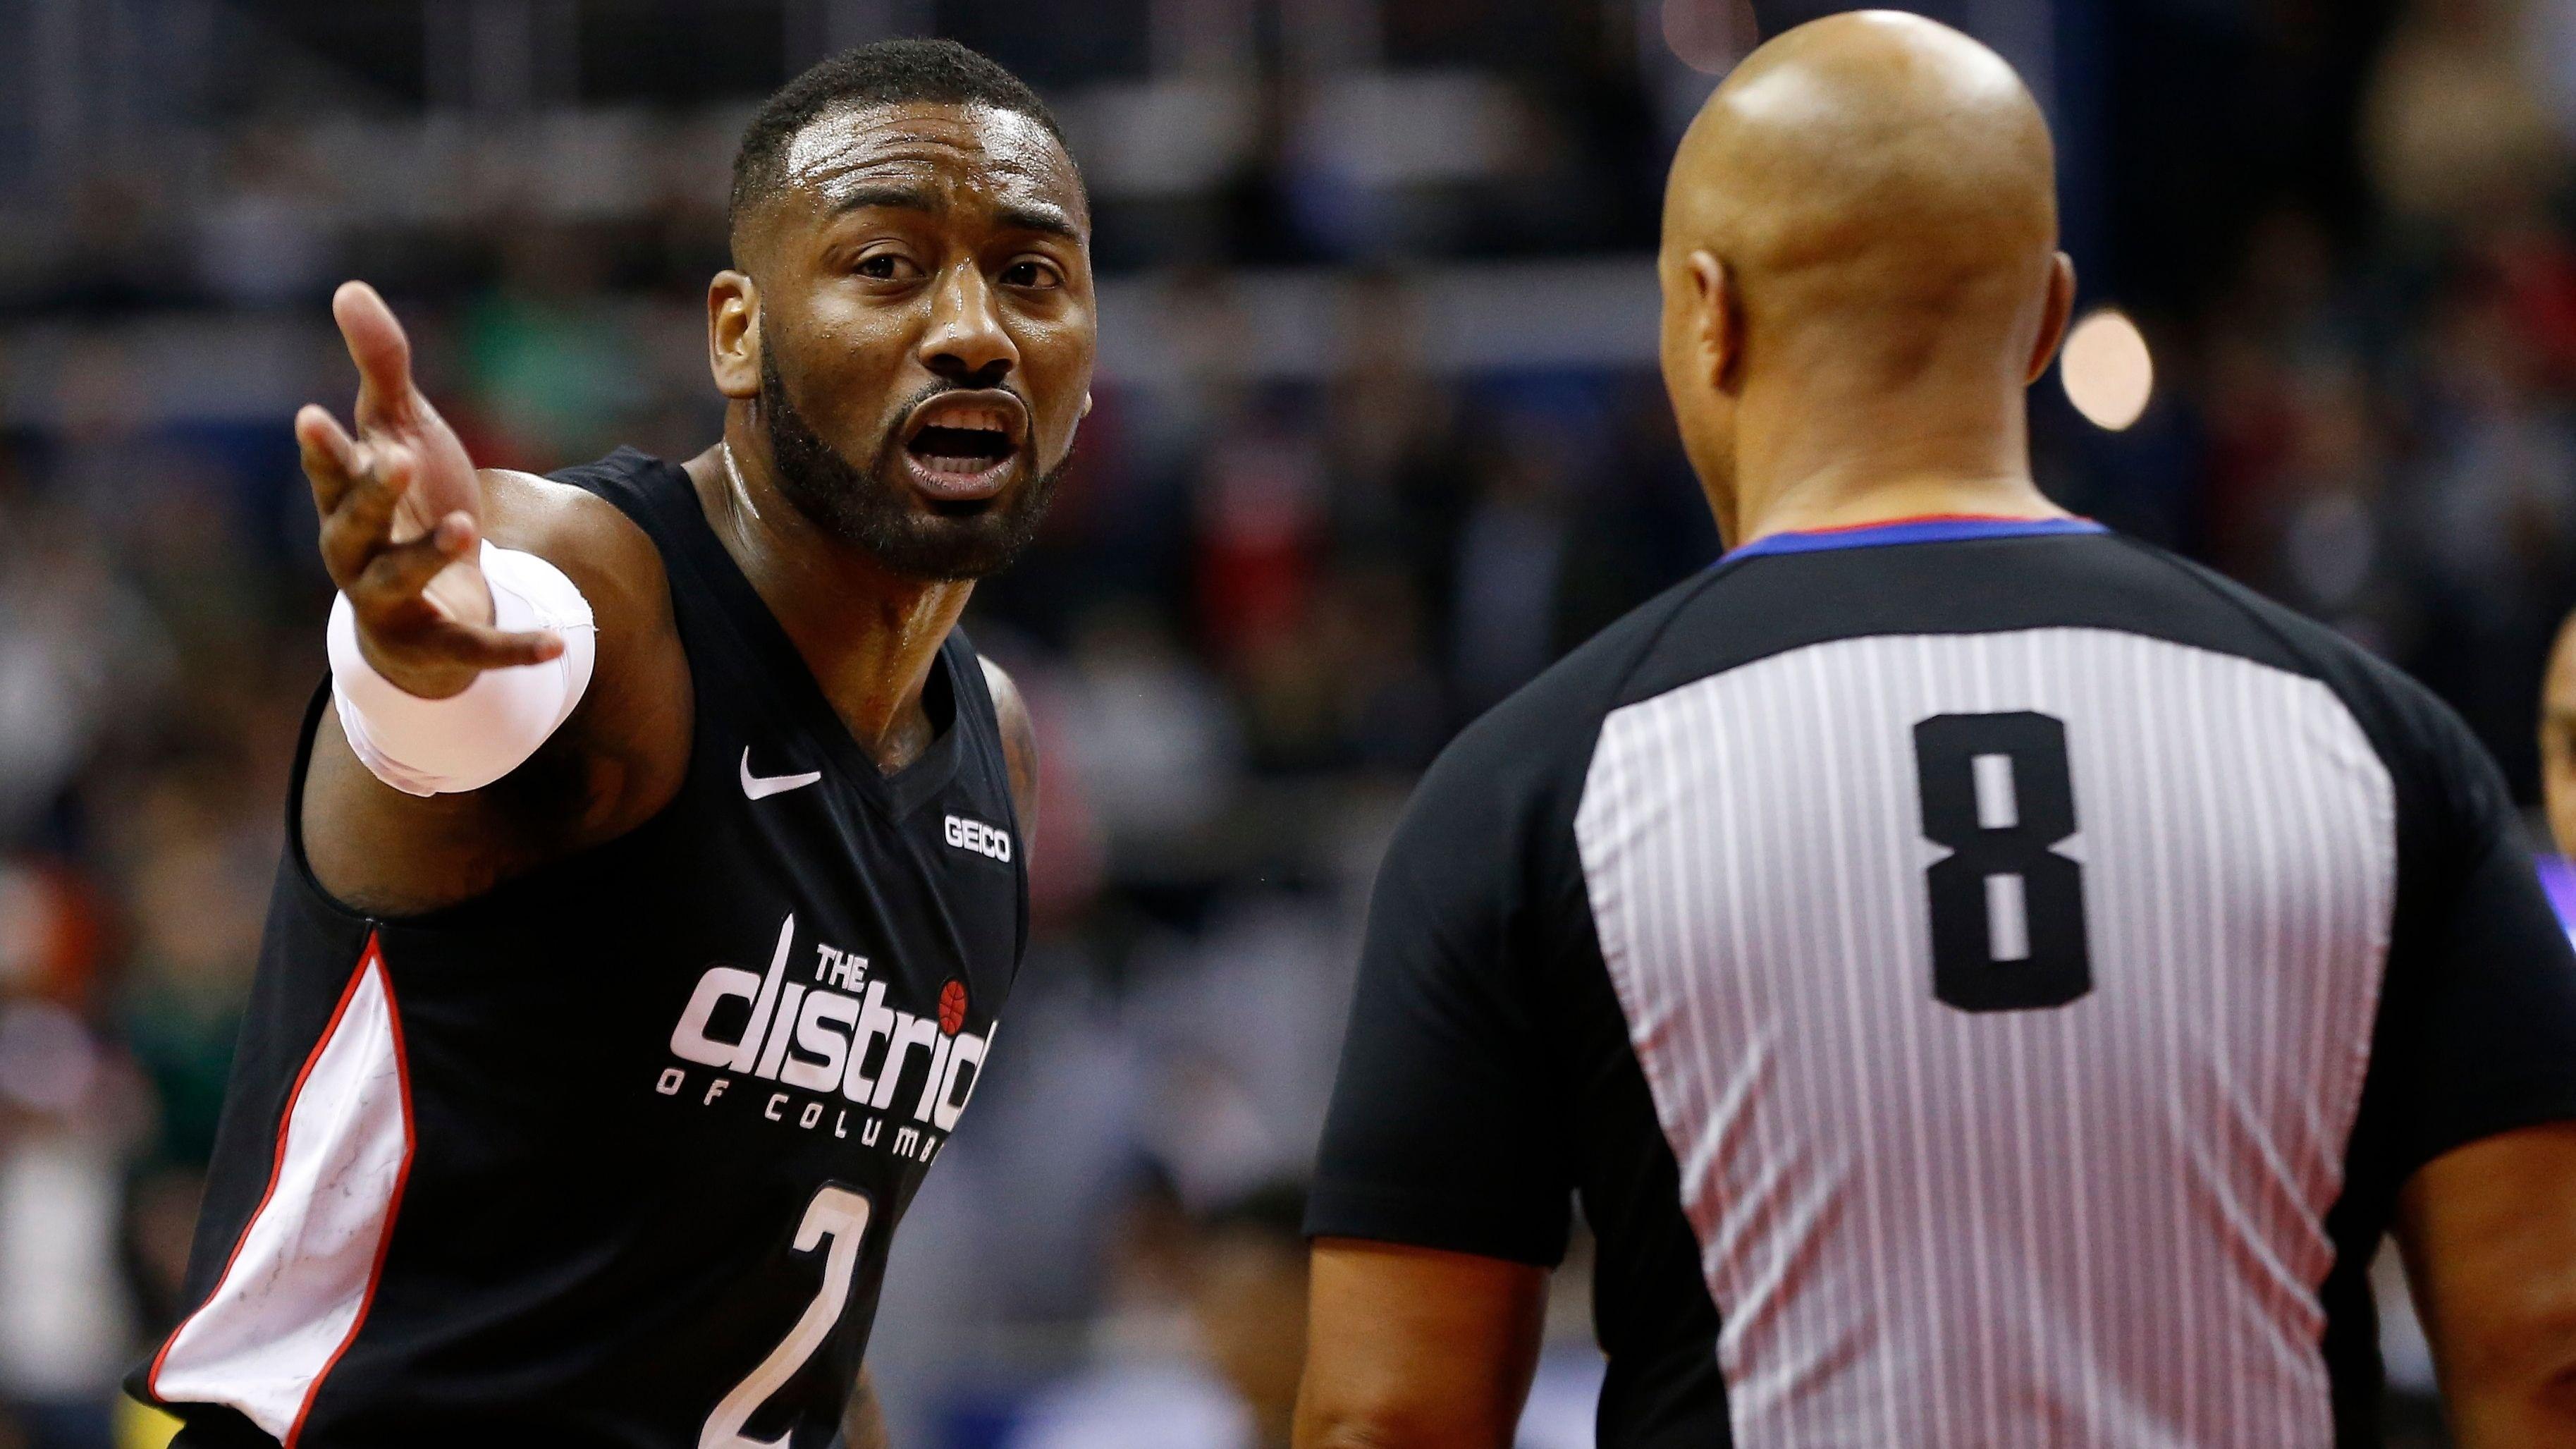 Dans e podcast de Chris Haynes, John Wall a déploré le manque d'intensité physique dans la NBA actuelle